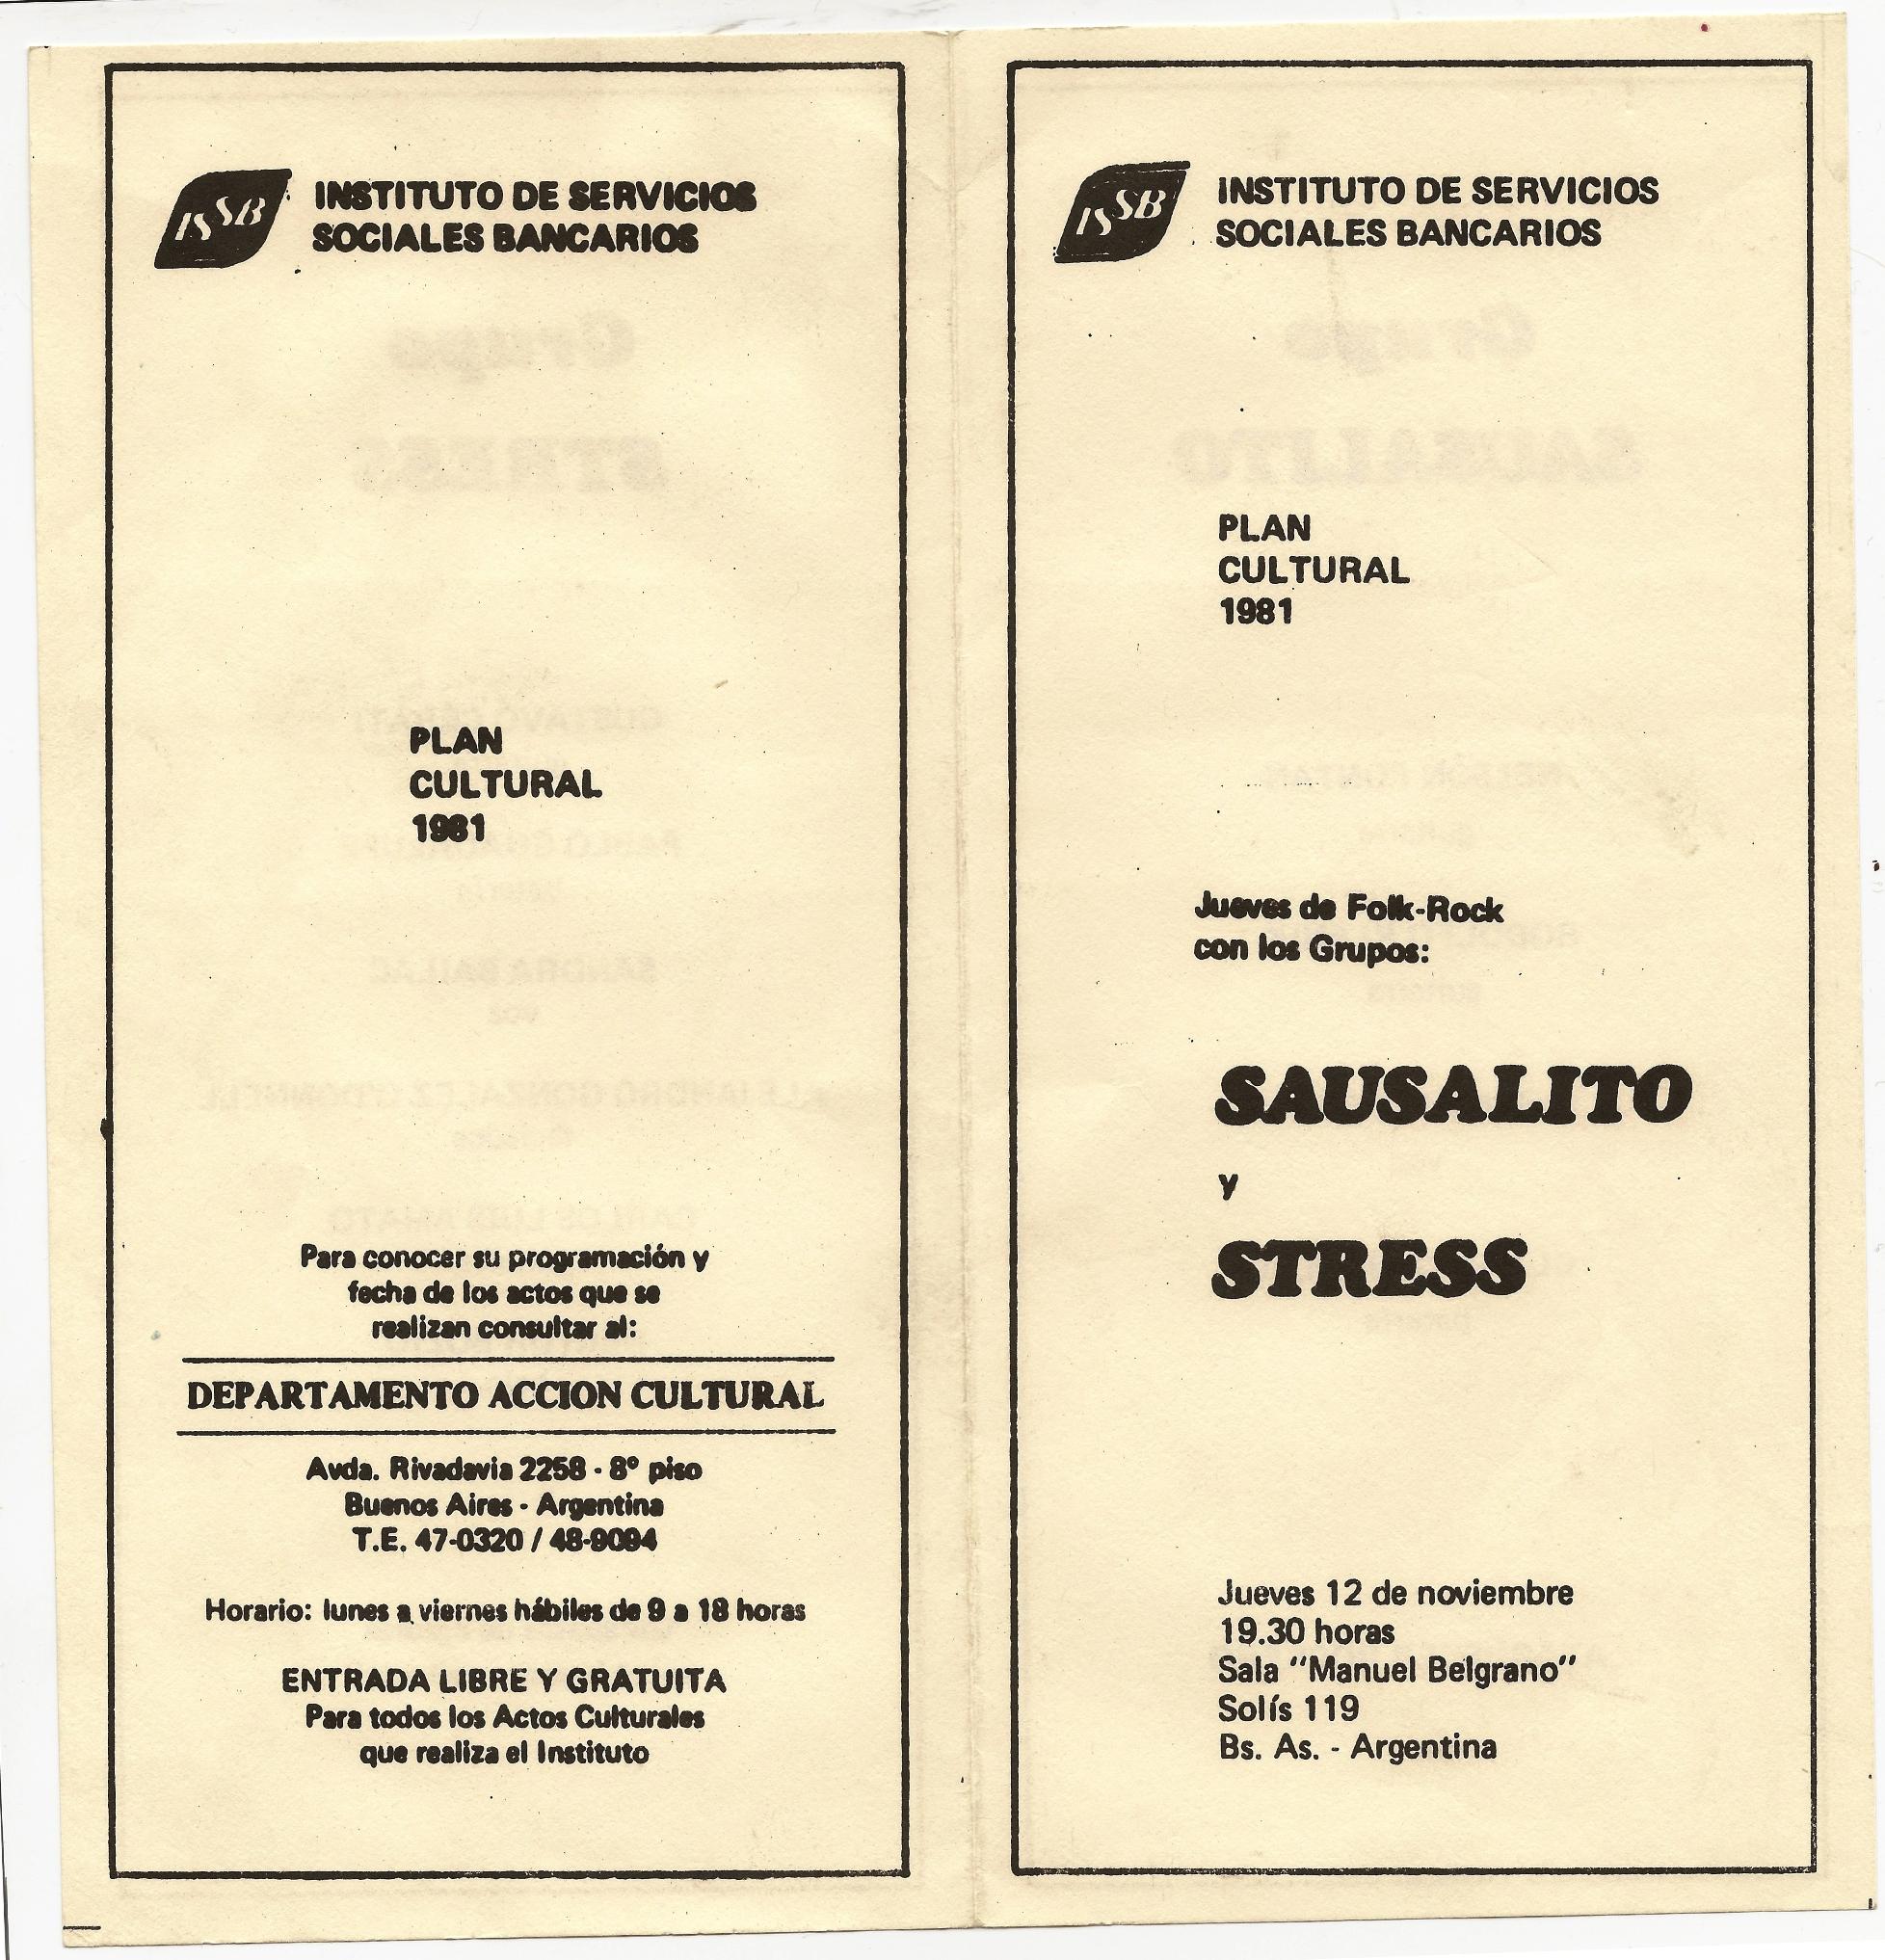 Programa del 12 de noviembre de 1981 del Grupo Stress con Gustavo Cerati, Pablo Guadalupe, Sandra Baylac, Alejandro O'Donell, Carlos Amato y Zeta Bosio.